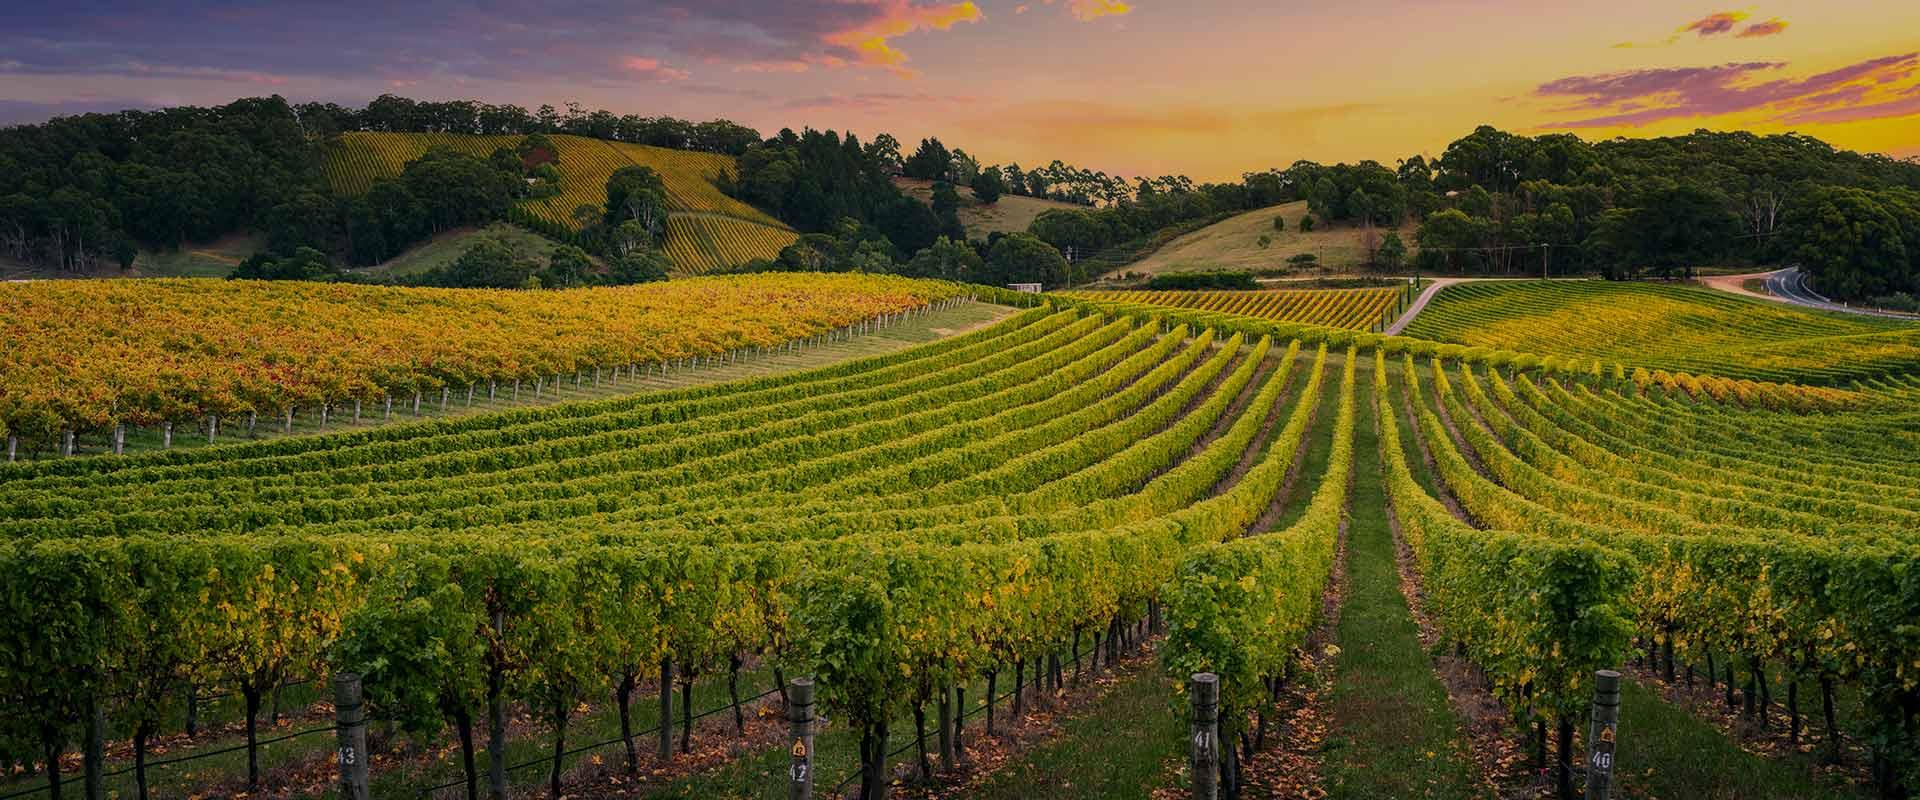 Vini siciliani, viaggio in sicilia